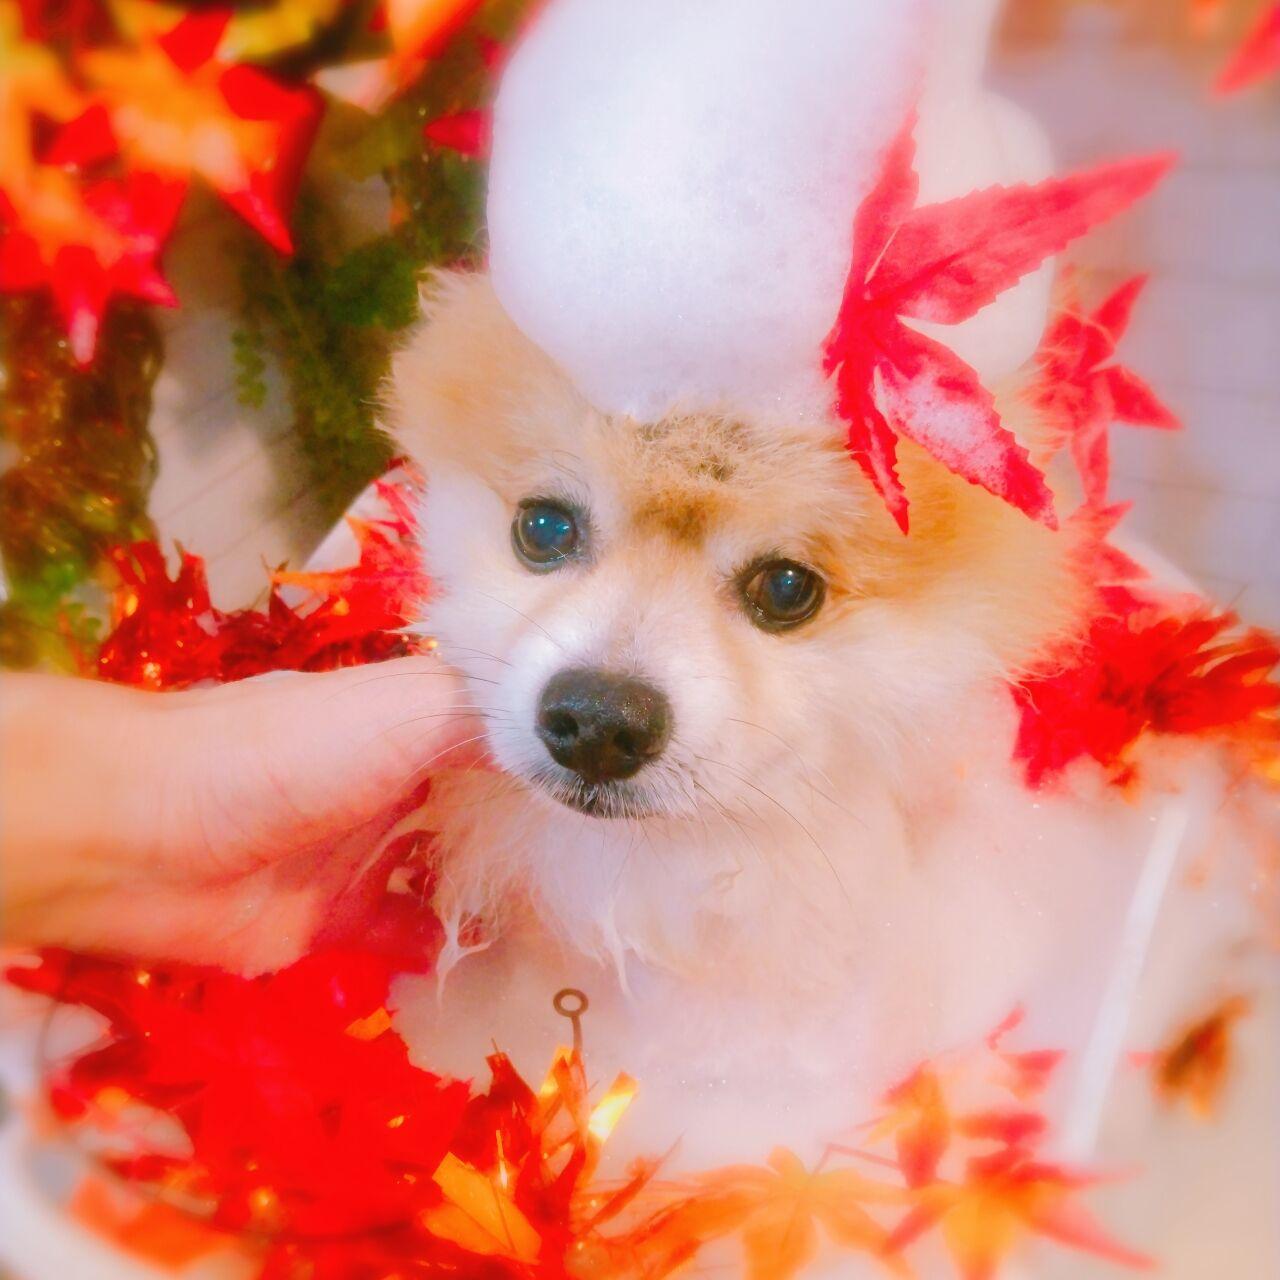 20-10-10-16-27-52-400_photo